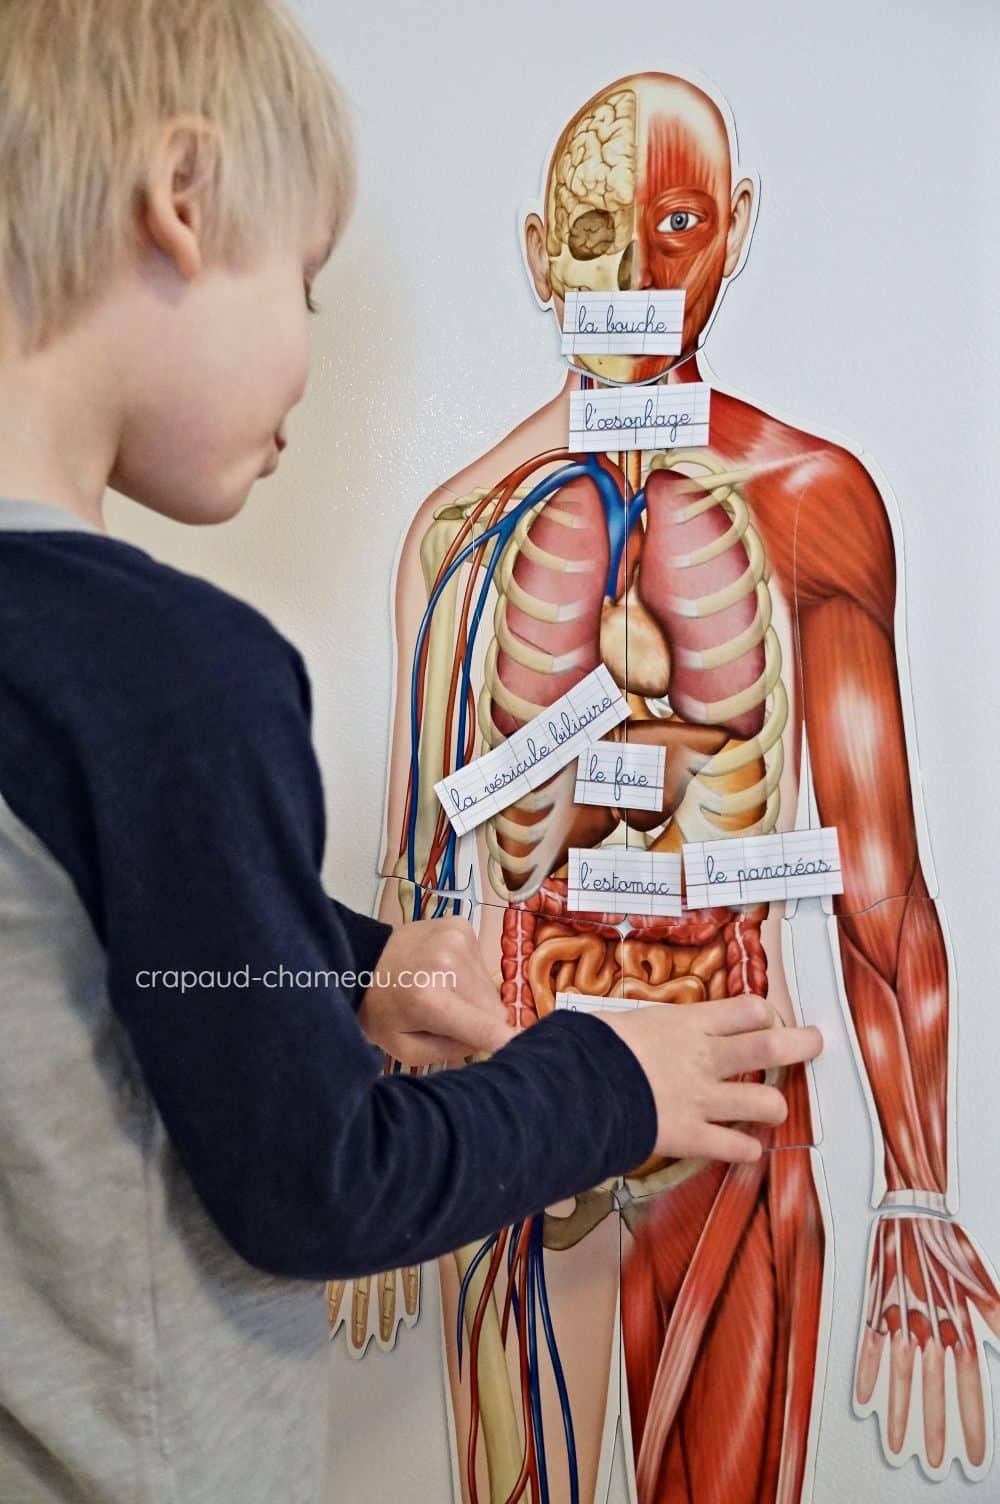 système digestif crapaud-chameau.com